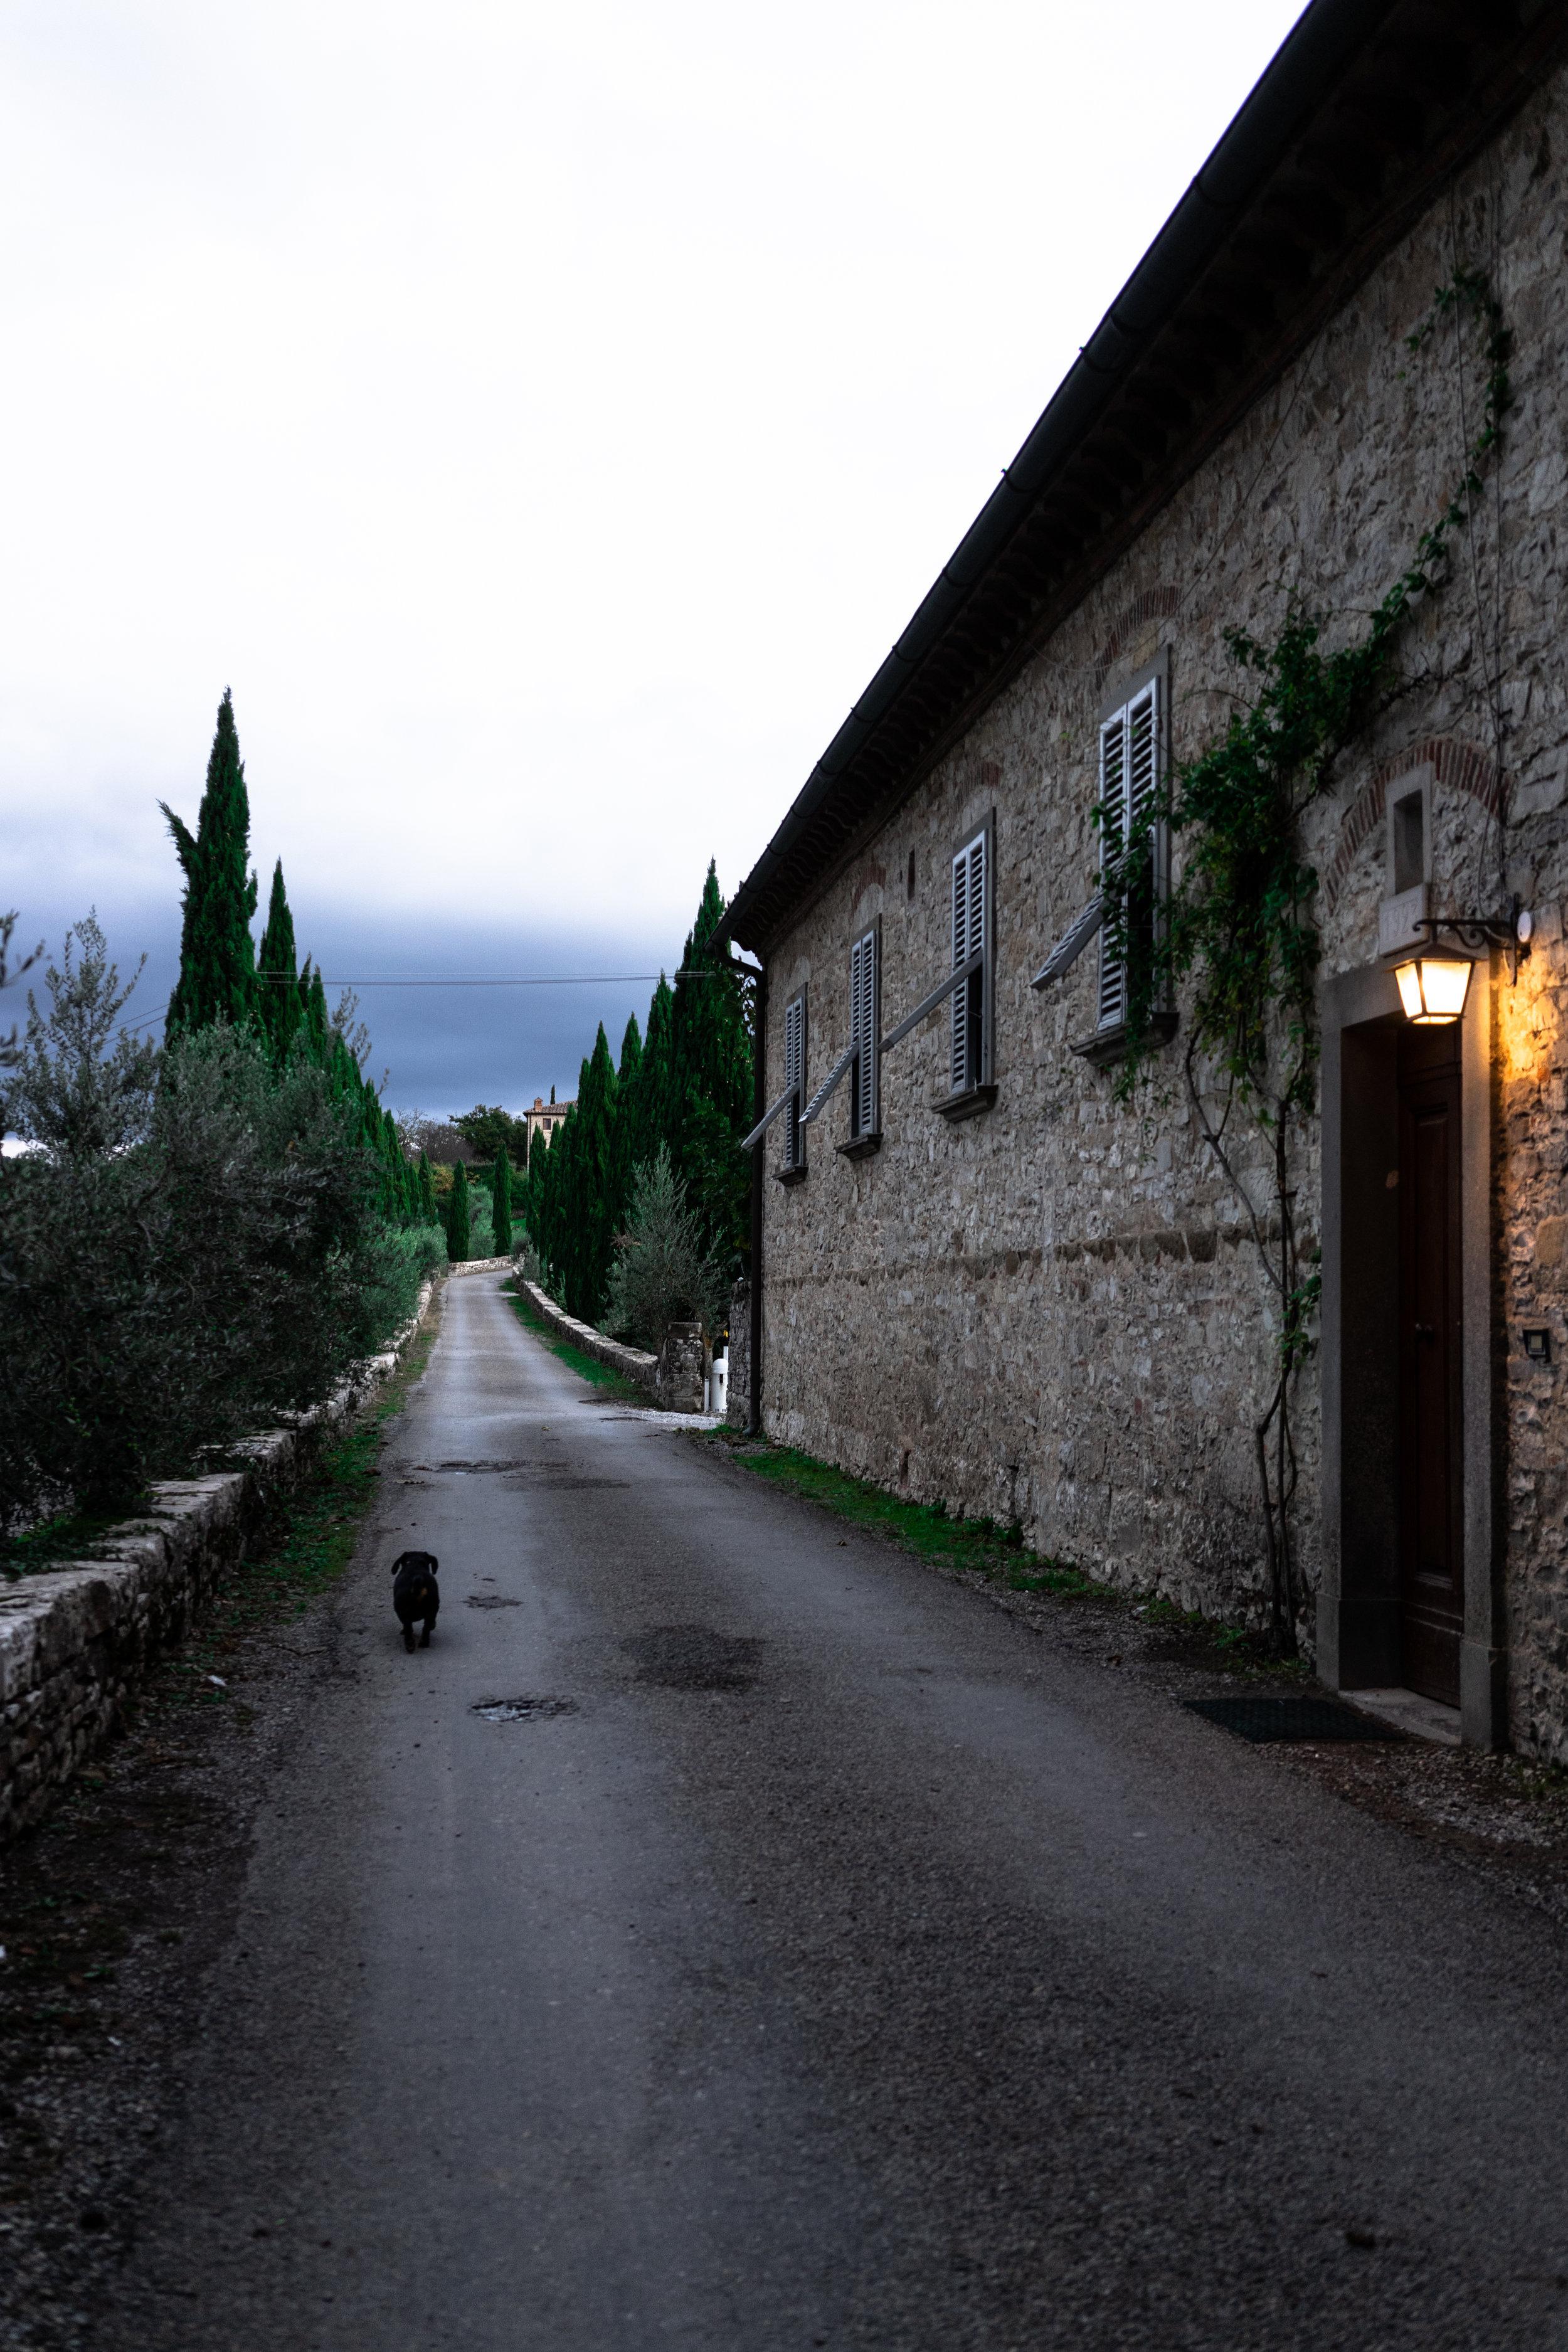 Evening walk at Castello di Meleto